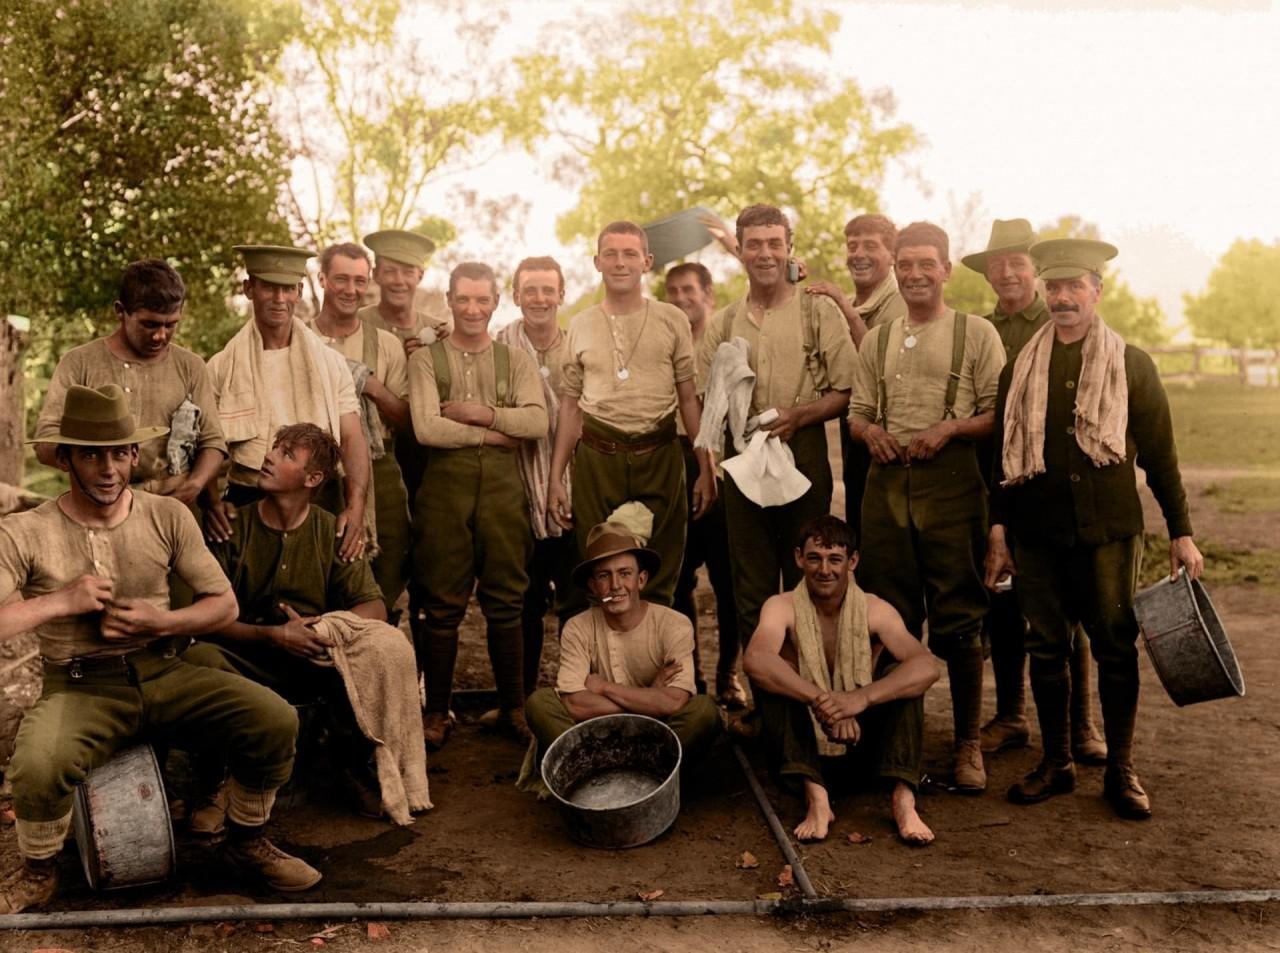 Солдаты Австралийских имперских сил - экспедиционных войск австралийской армии. Перед отправкой на фронт, 1916 г. архивное фото, колоризация, колоризация фотографий, колоризированные снимки, первая мировая, первая мировая война, фото войны